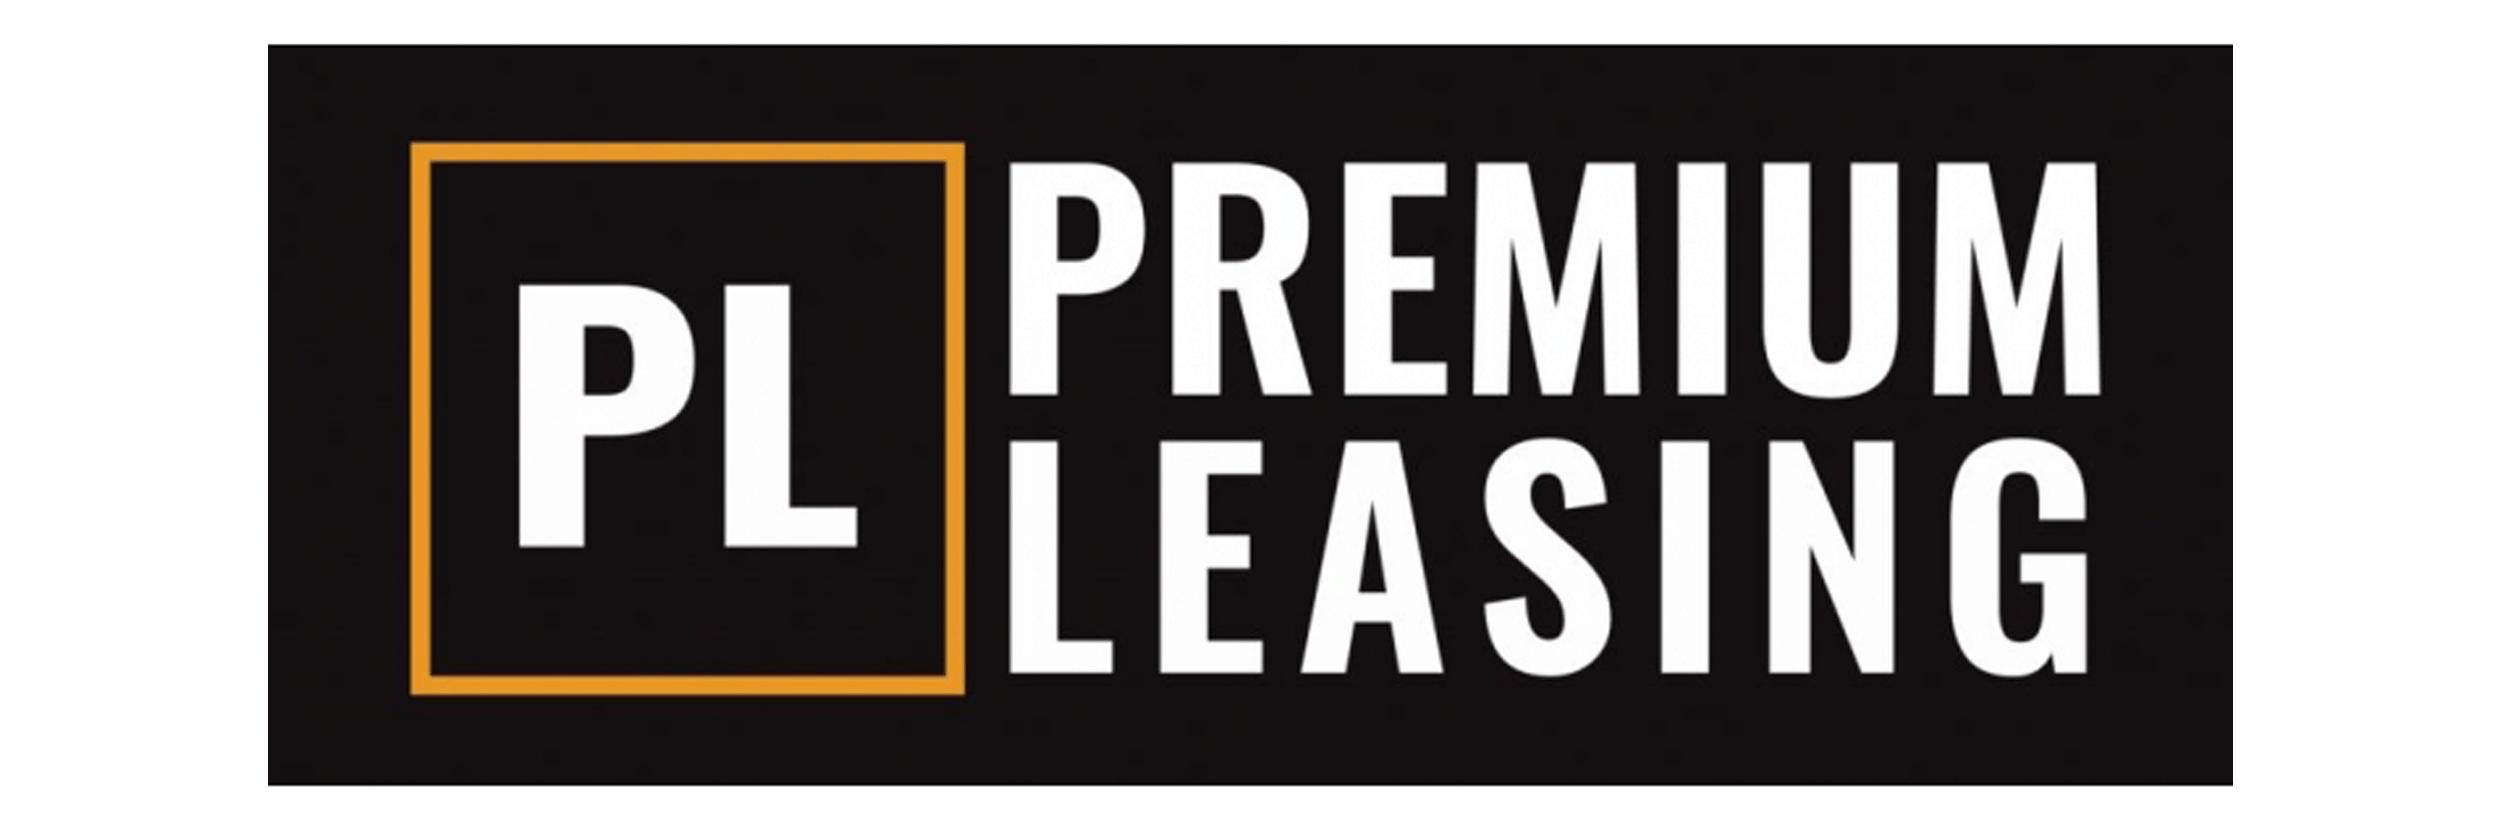 15_premium leasing